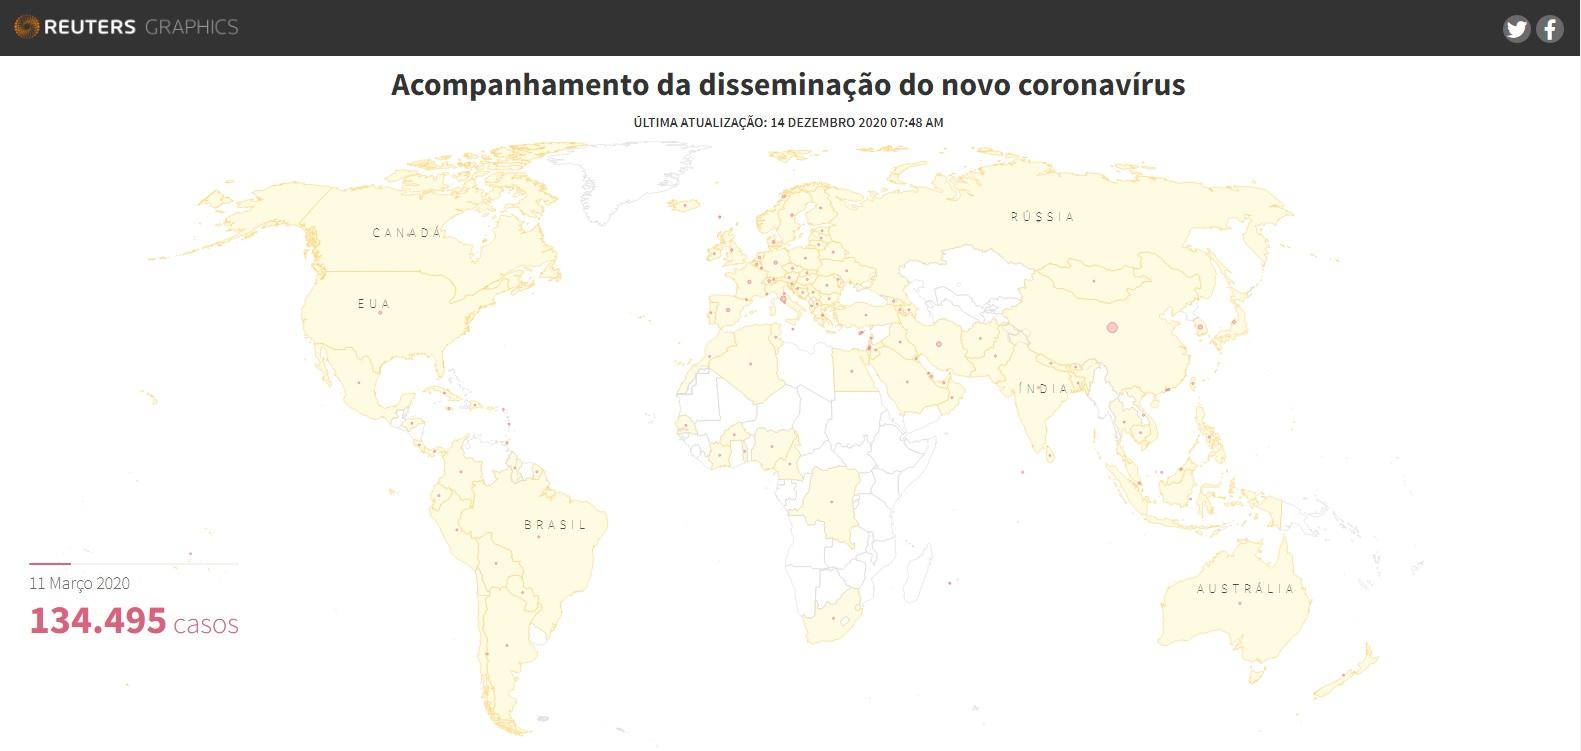 Casos de Covid-19 no mundo em março de 2020